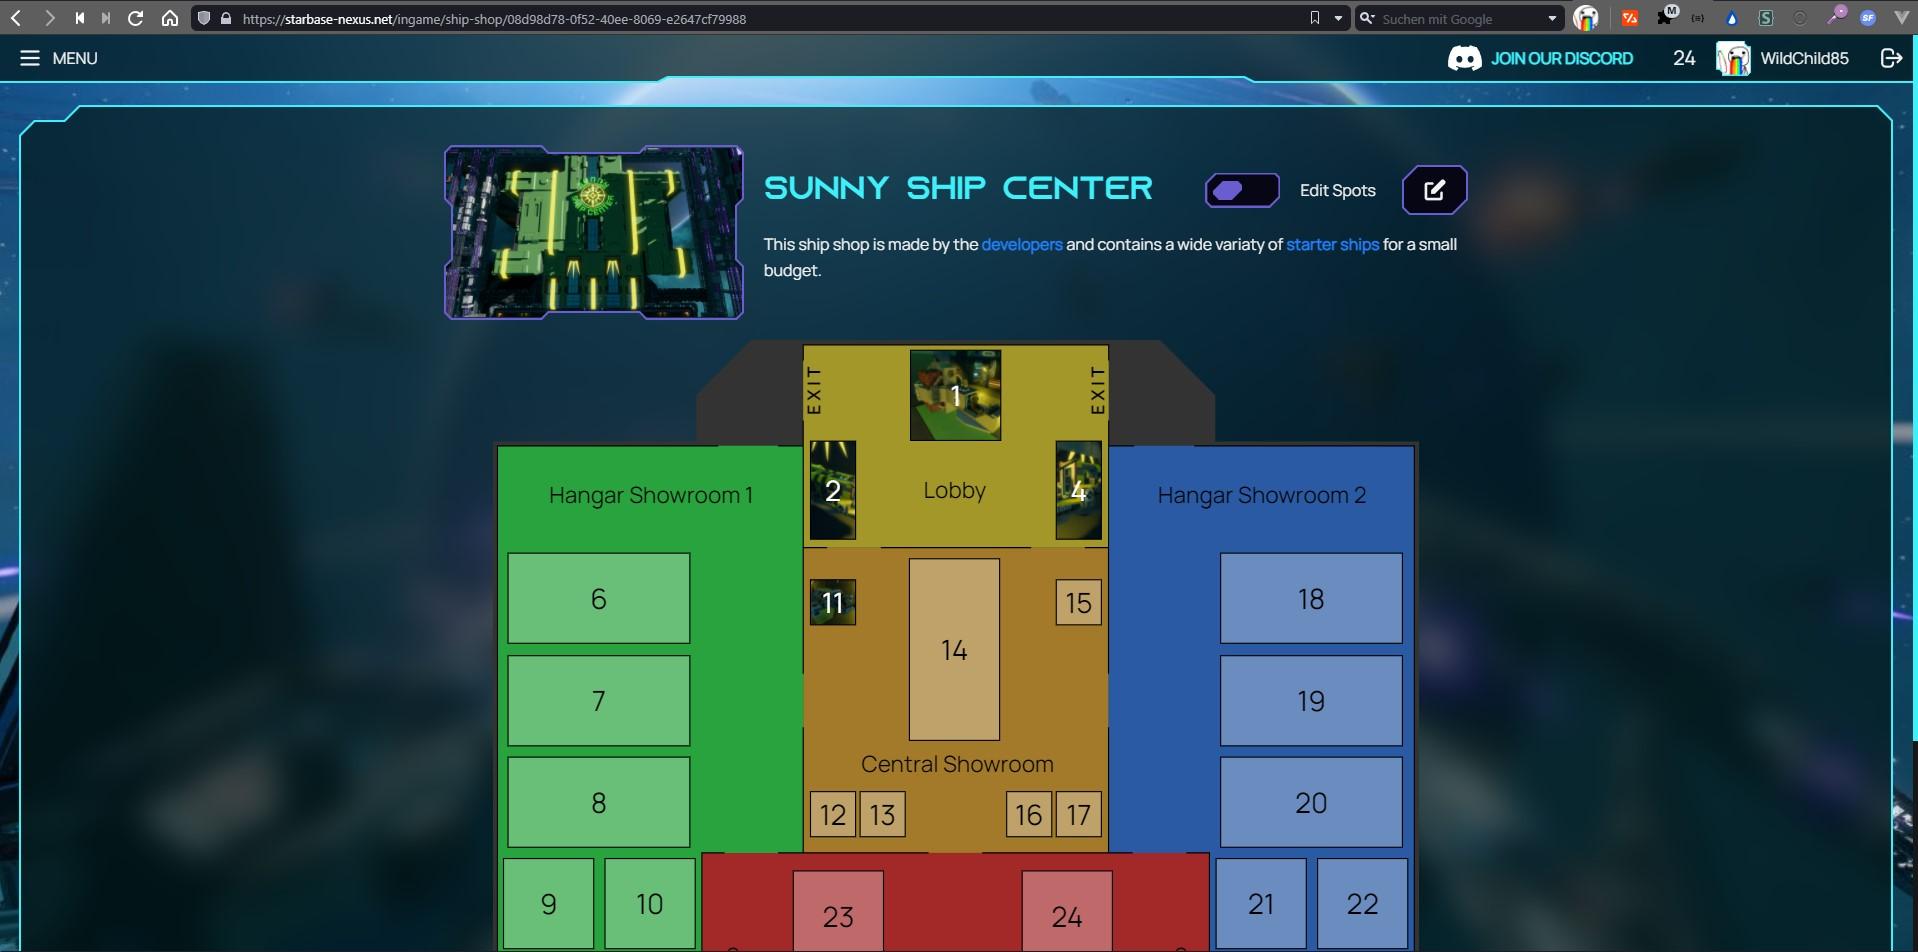 Screenshot 2021-10-13 003502.jpg